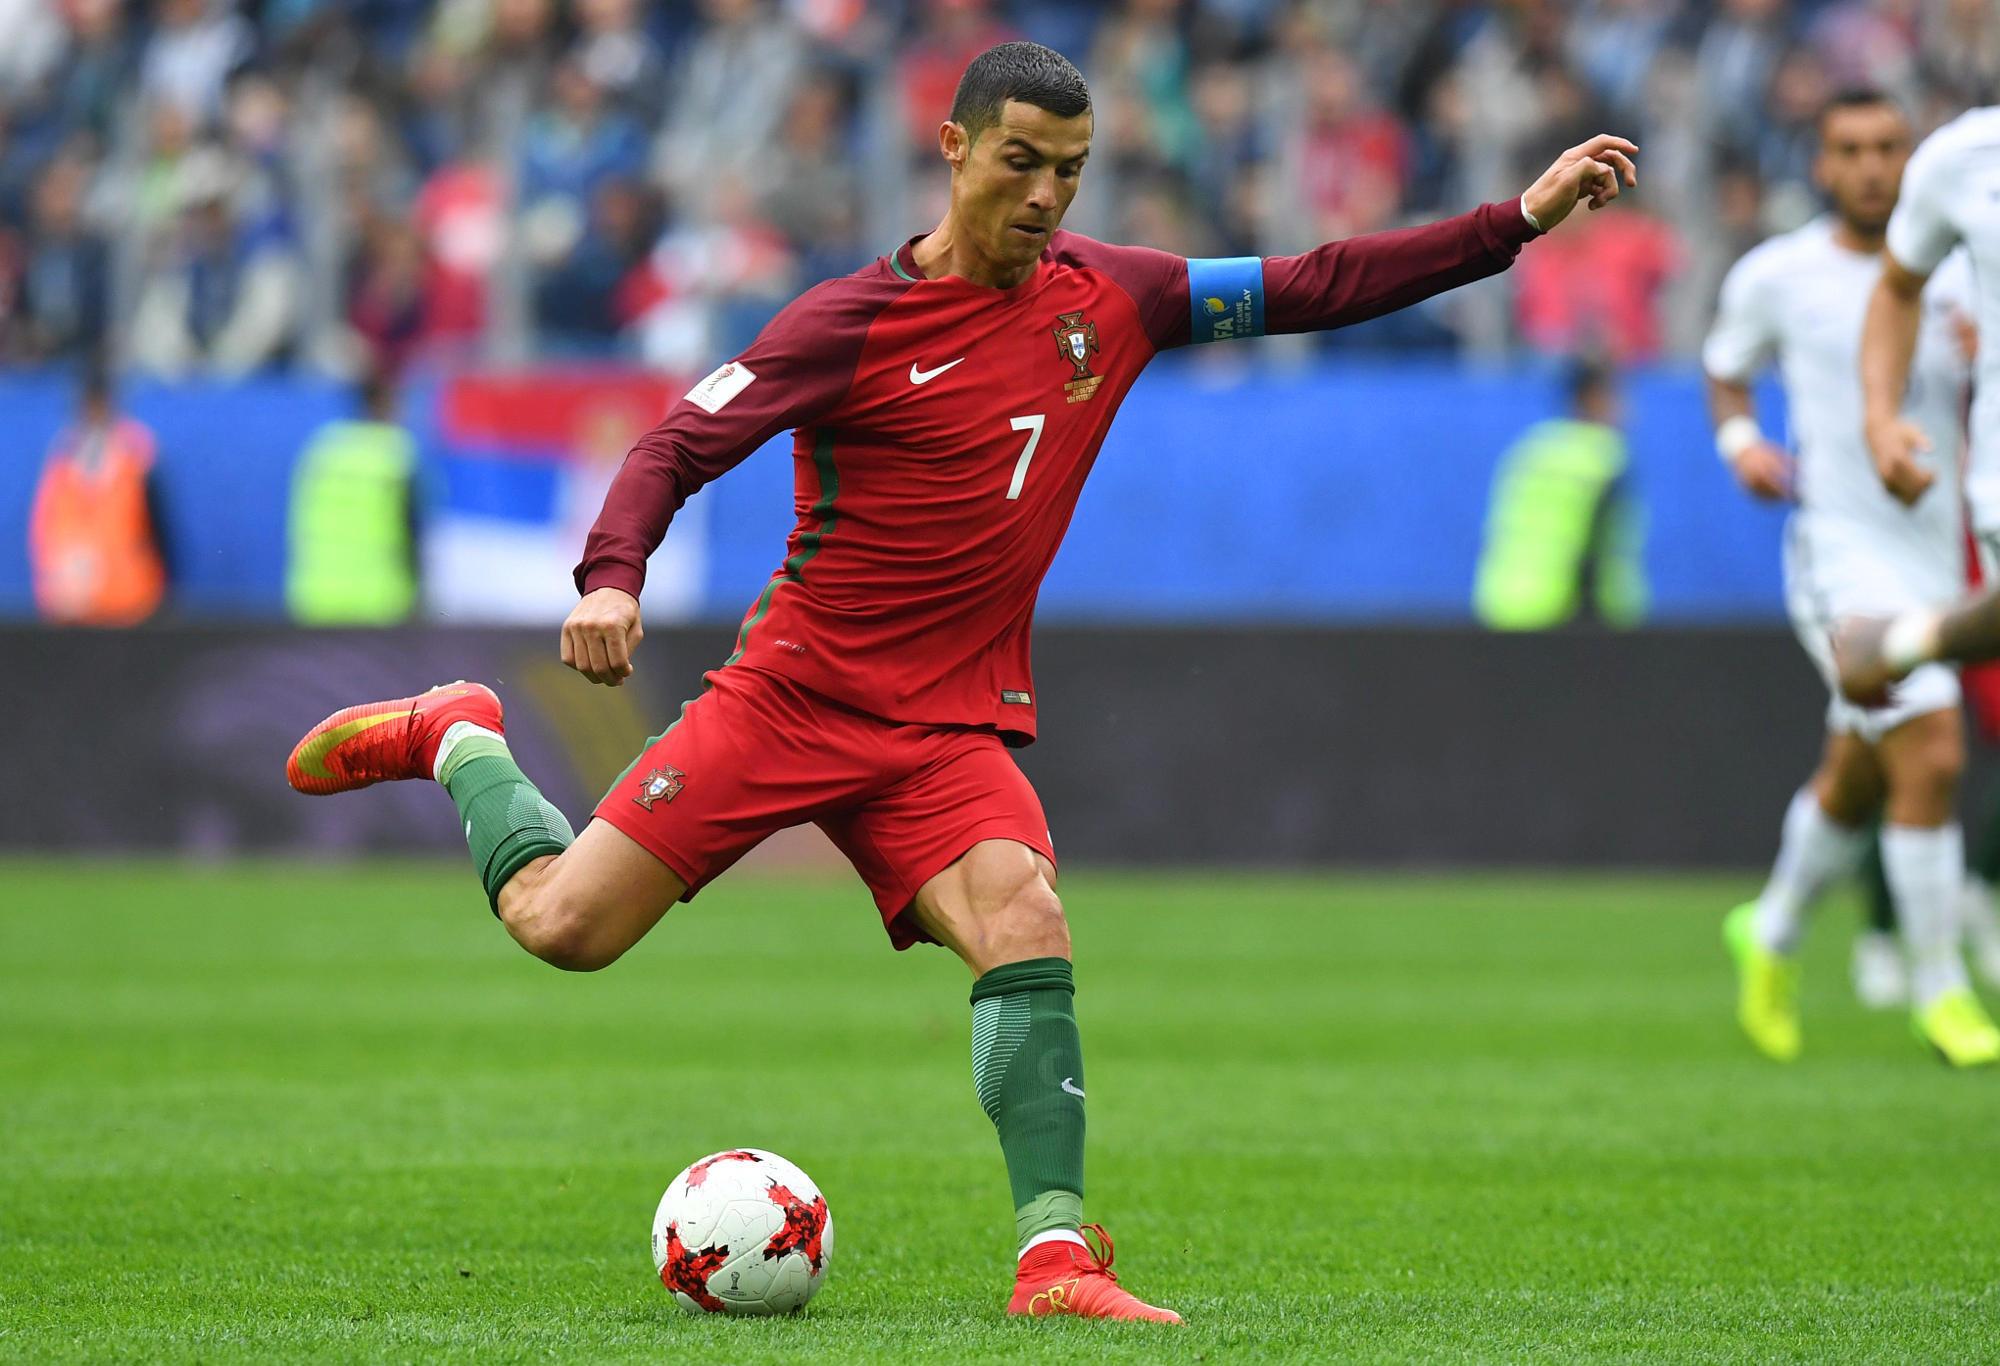 Portugal's Cristiano Ronaldo takes a shot at goal.